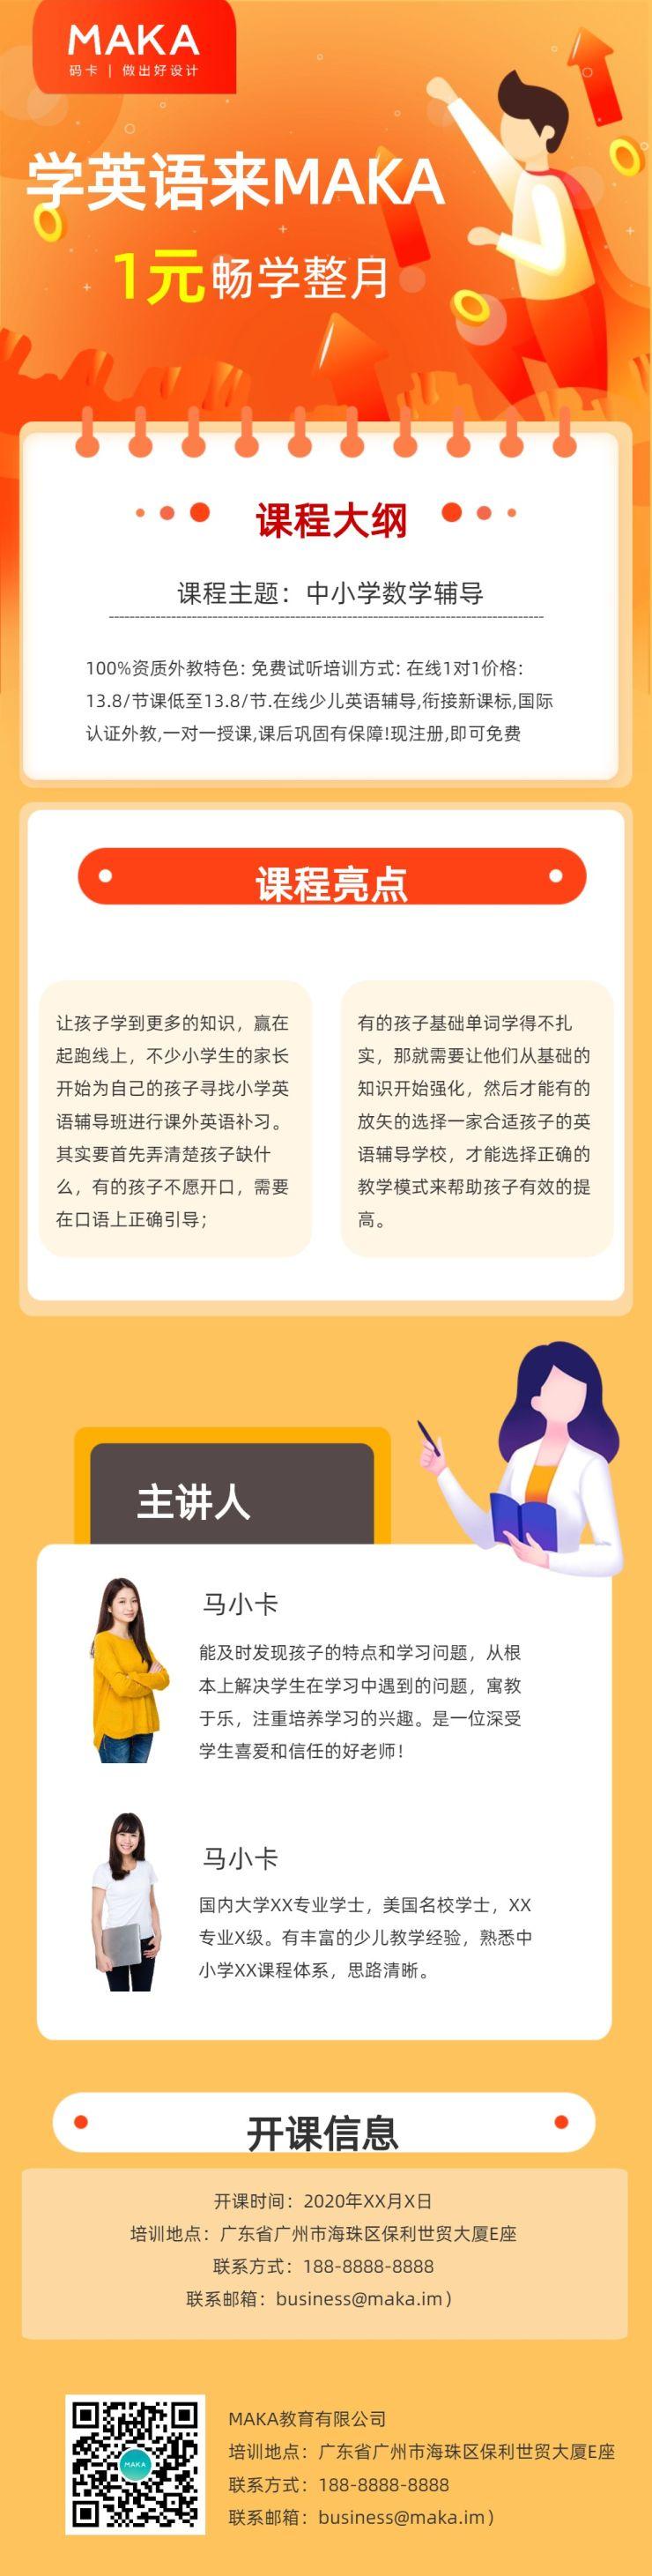 橙色简约插画风格中小学培训班补课课程信息通用模版